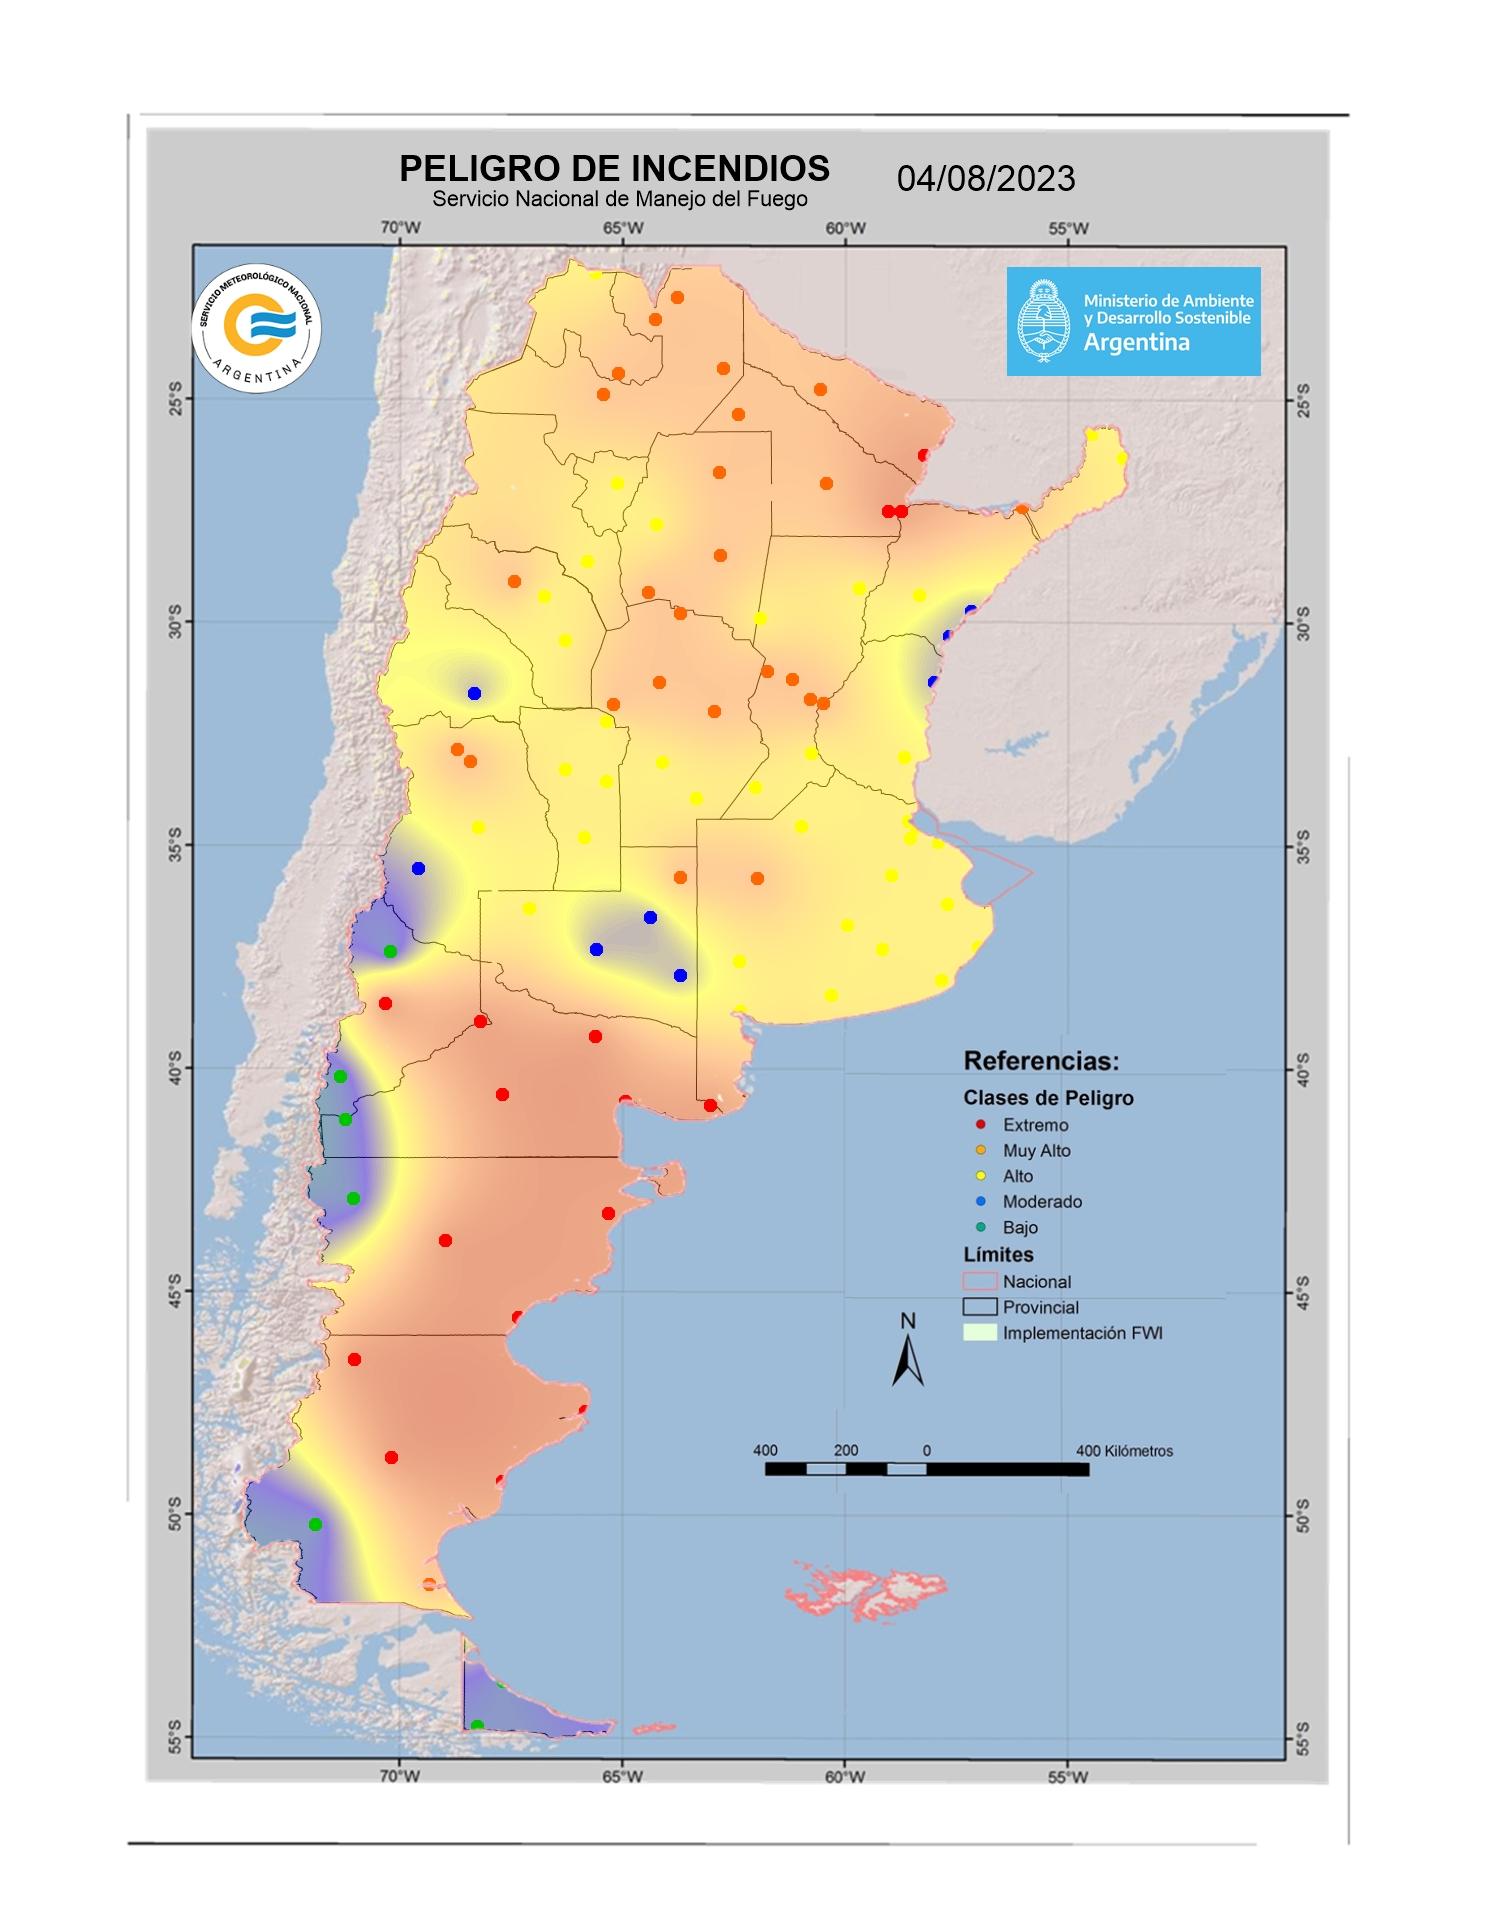 Mapa de indice de Peligro de Incendio